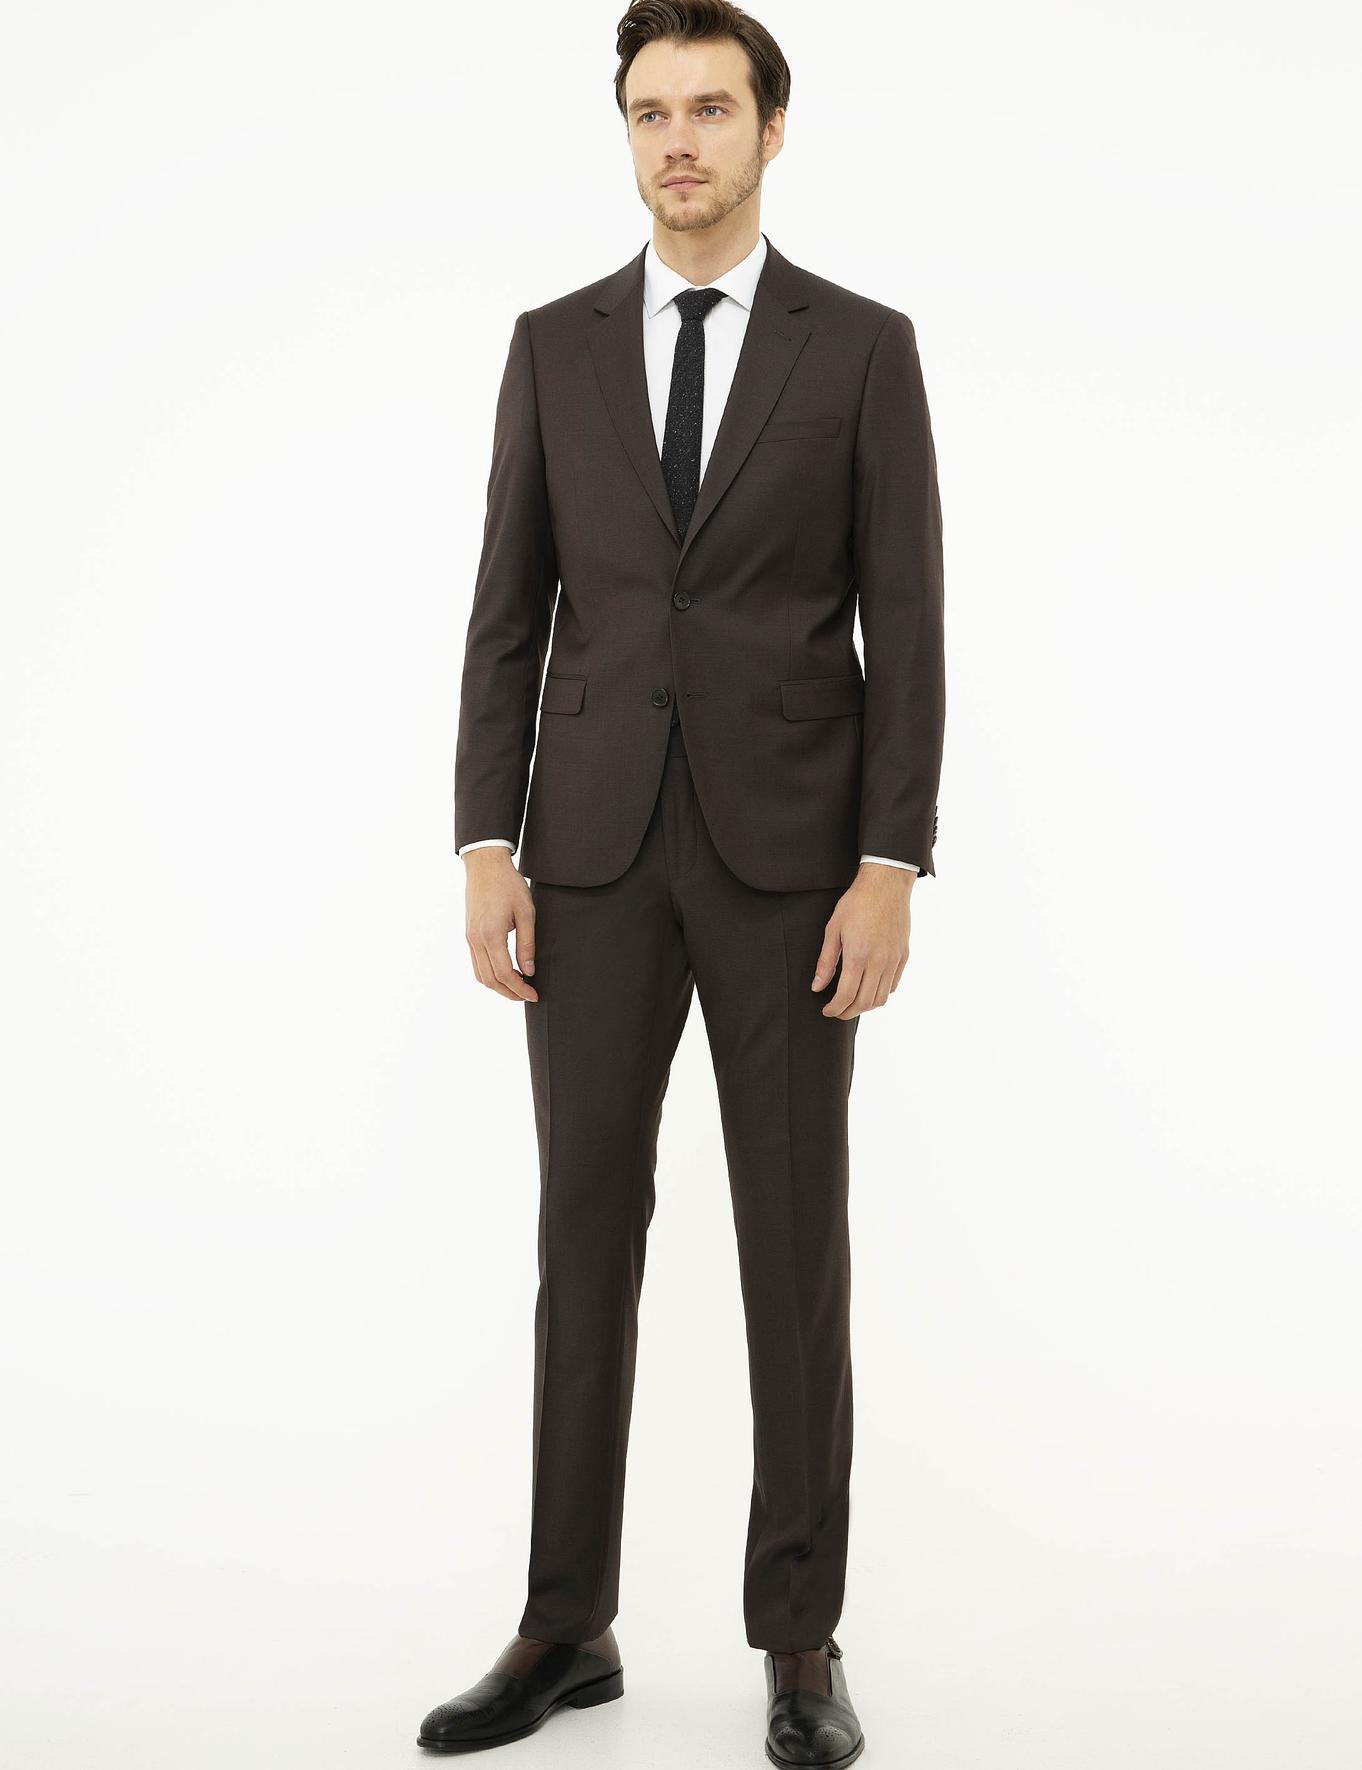 Kahverengi Slim Fit Takım Elbise - 50225203068